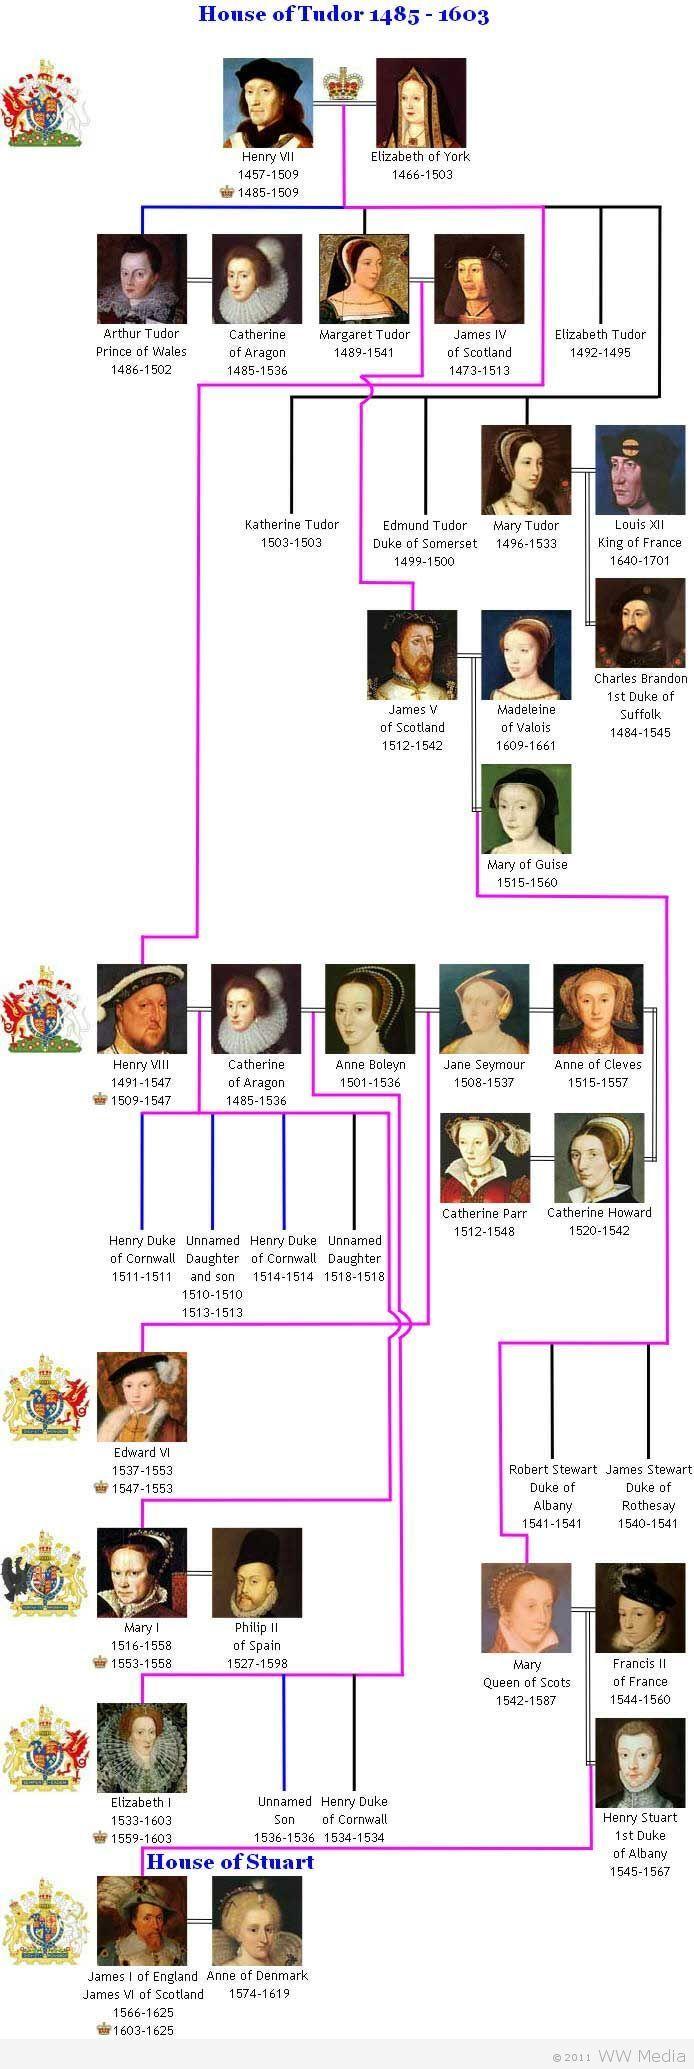 Henry Viii Family Tree : henry, family, Royal, House, Tudor, History,, Tudor,, English, History